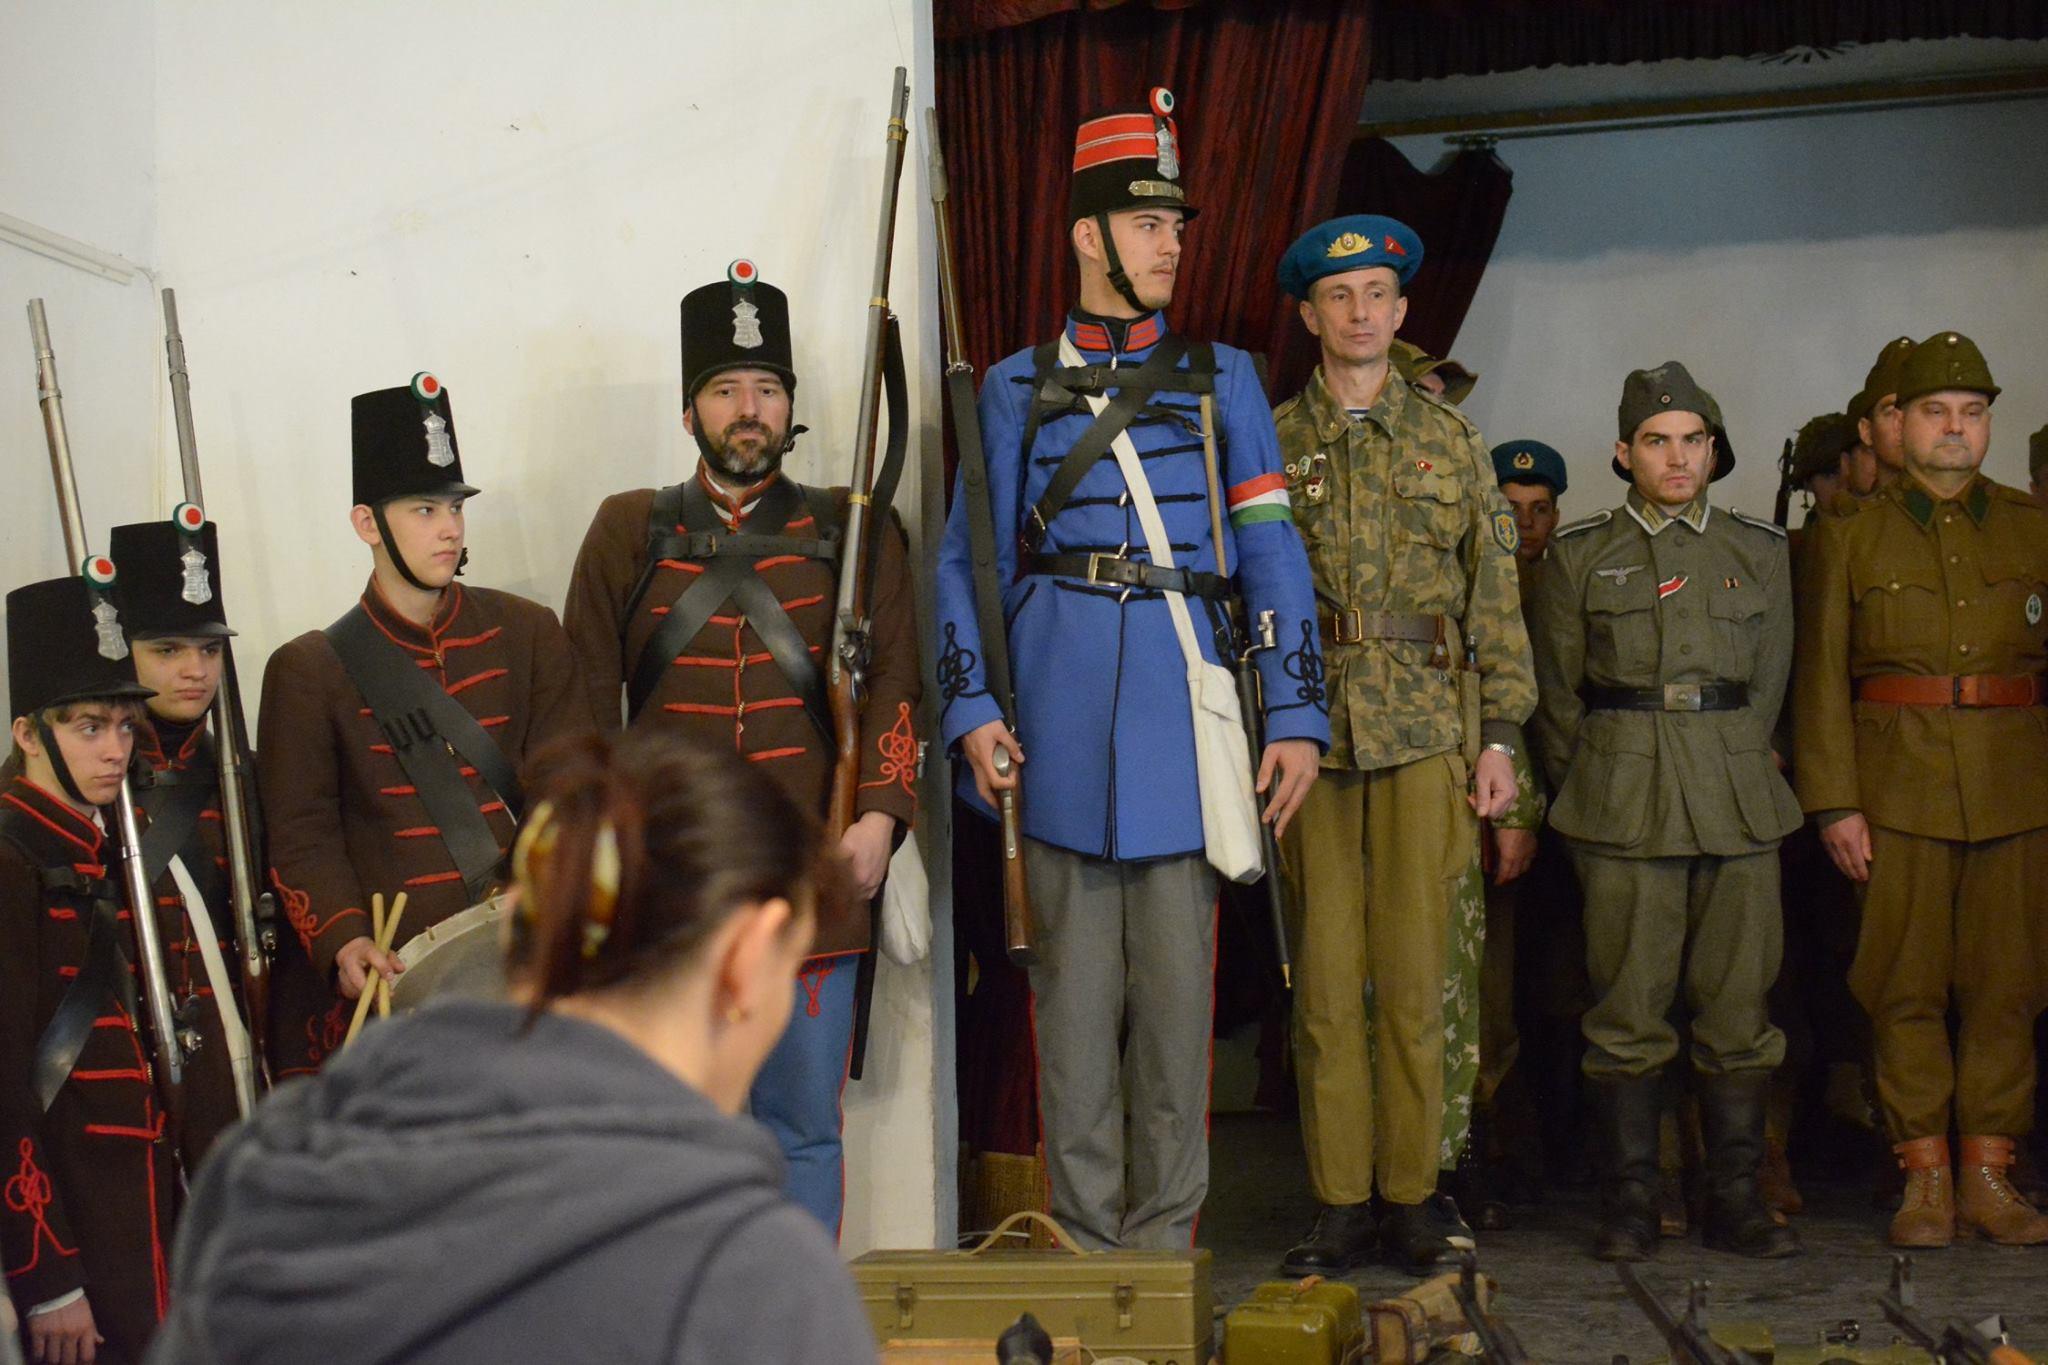 Zsámbéki hadi kulturális találkozó - Budai 2. Honvédzászlóalj